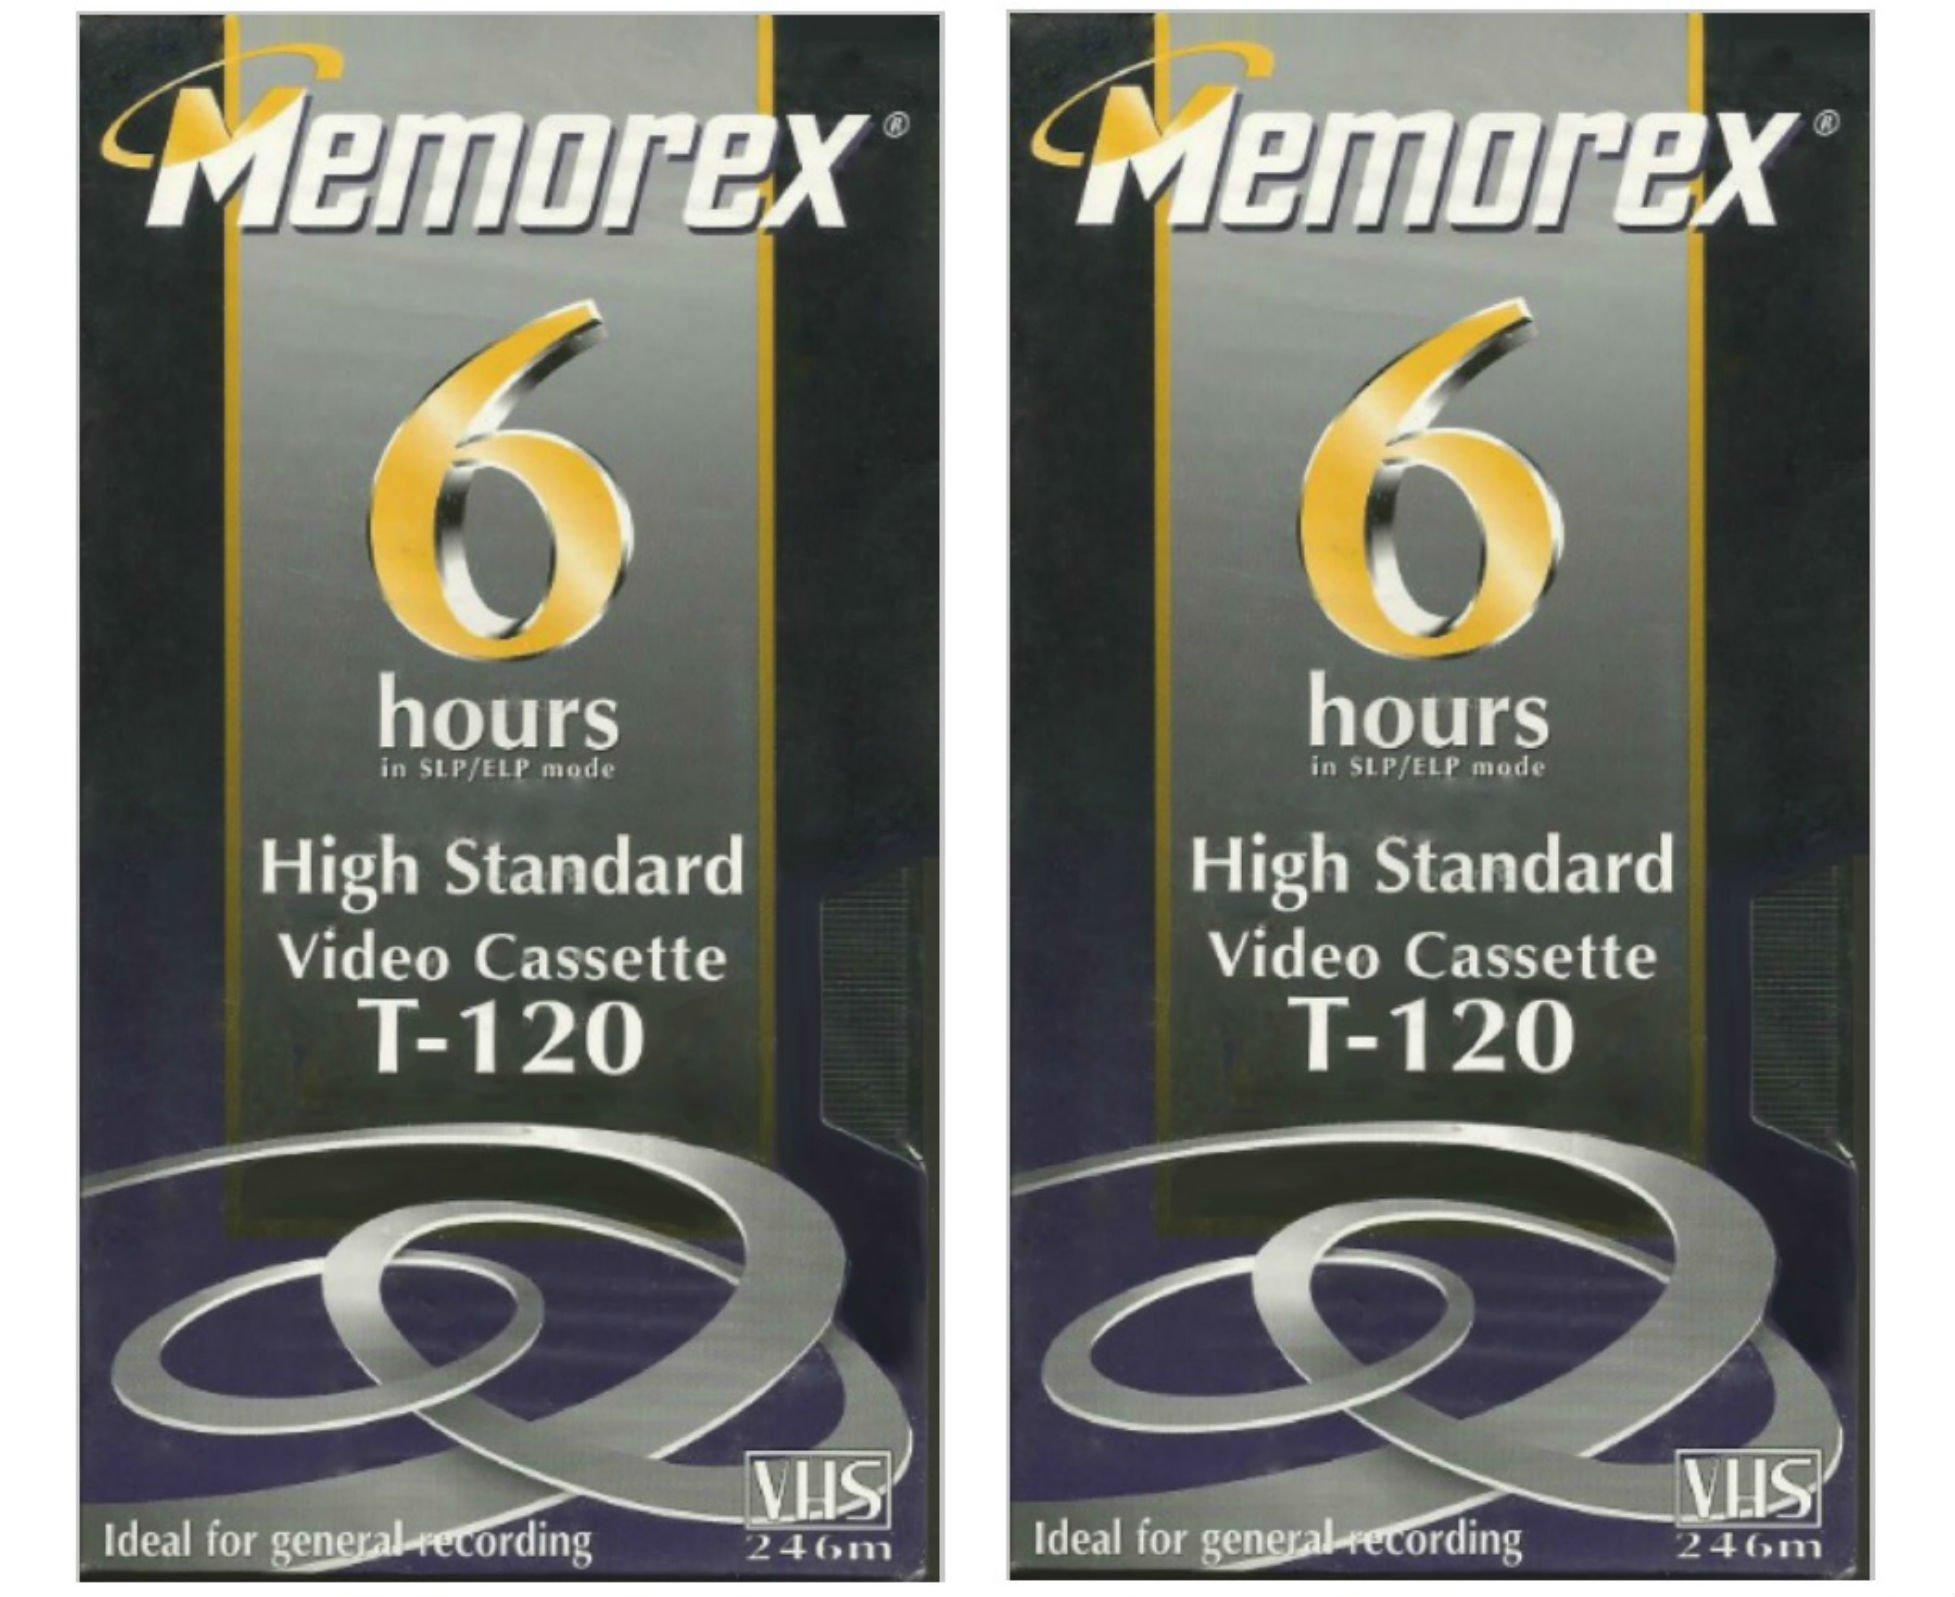 Memorex High Standard T-120 6-hour Video Cassette VHS 2-pack, 246 m -HS by Memorex